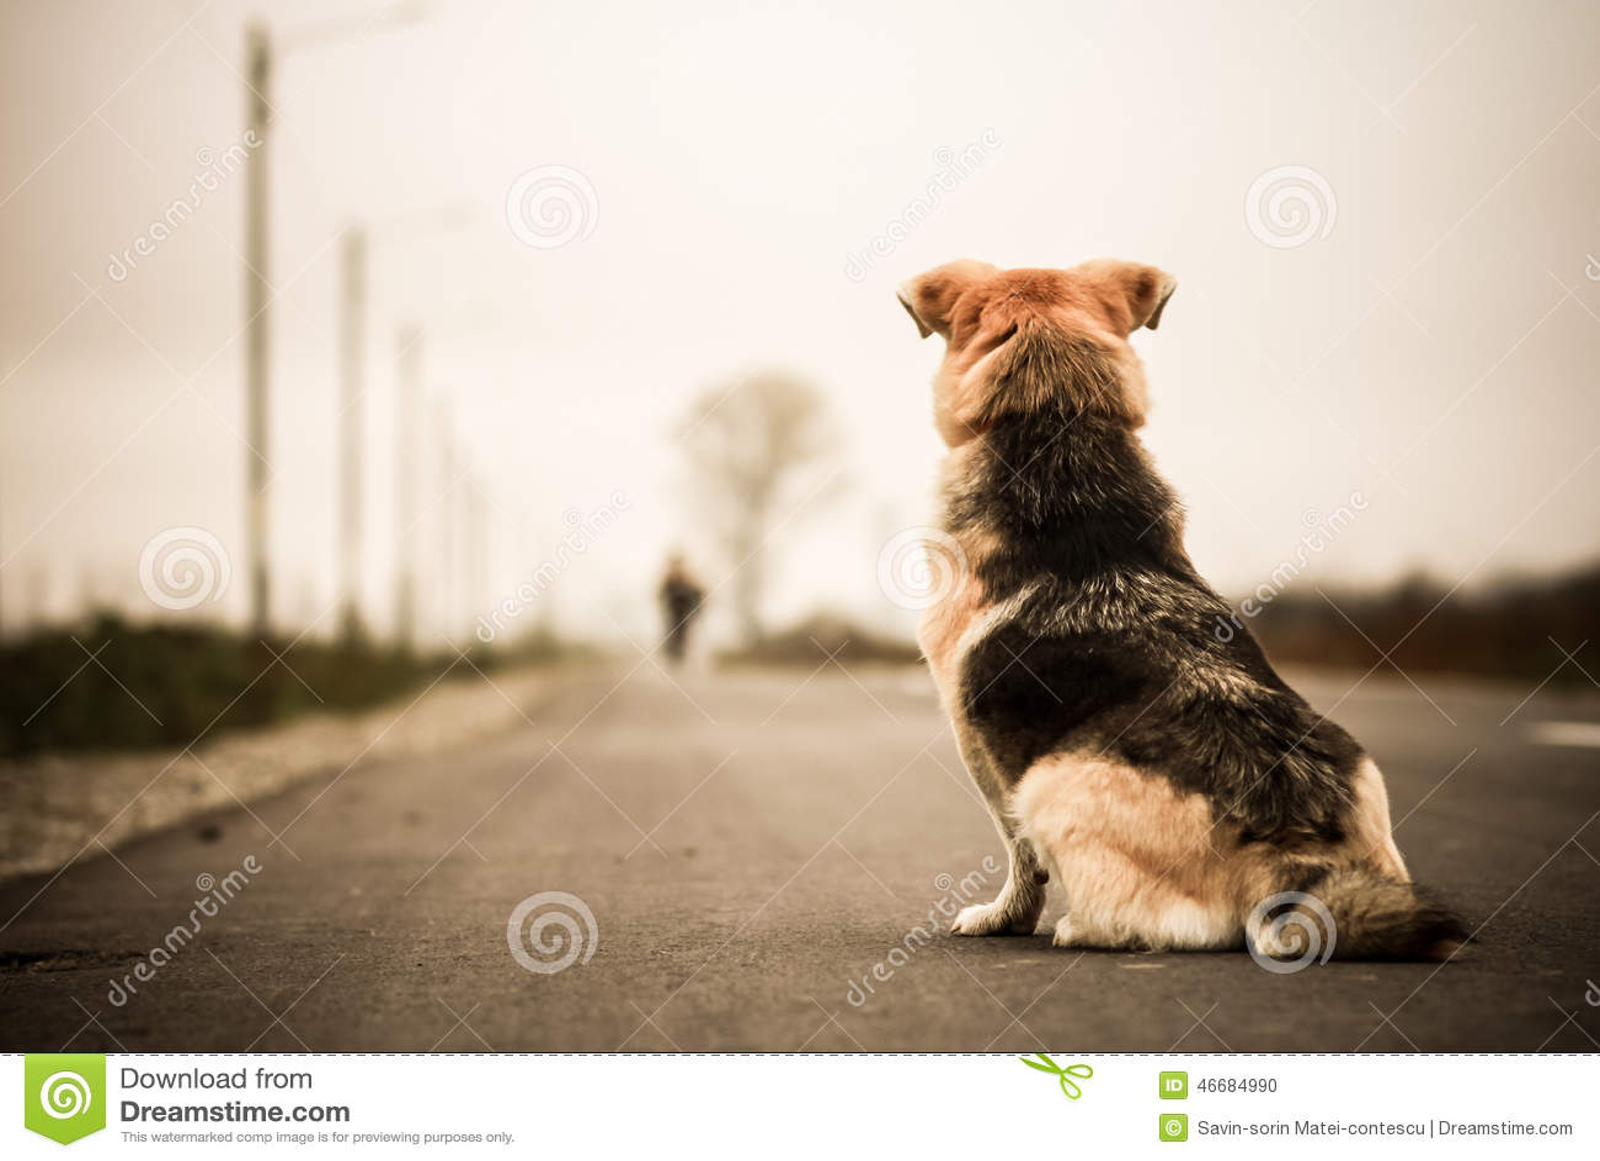 等待在街道的狗